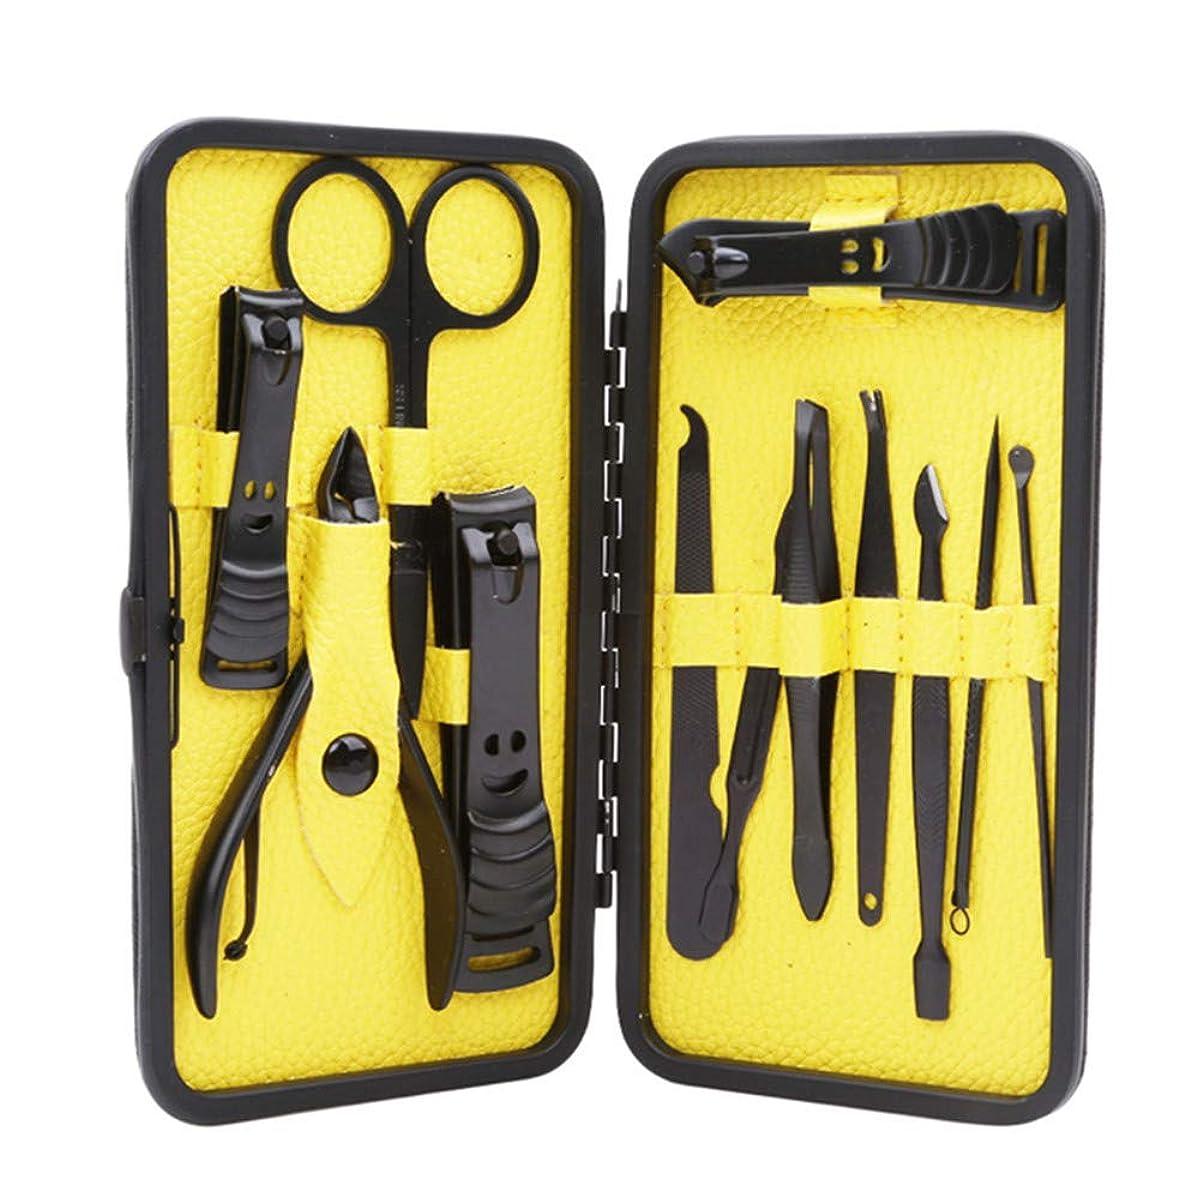 学士掻く必要条件Flybloom 12個/セットネイルマニキュアツールセットキットネイルファイルキューティクルプッシャーメイクシザーネイルクリッパーペディキュアセット、黄色